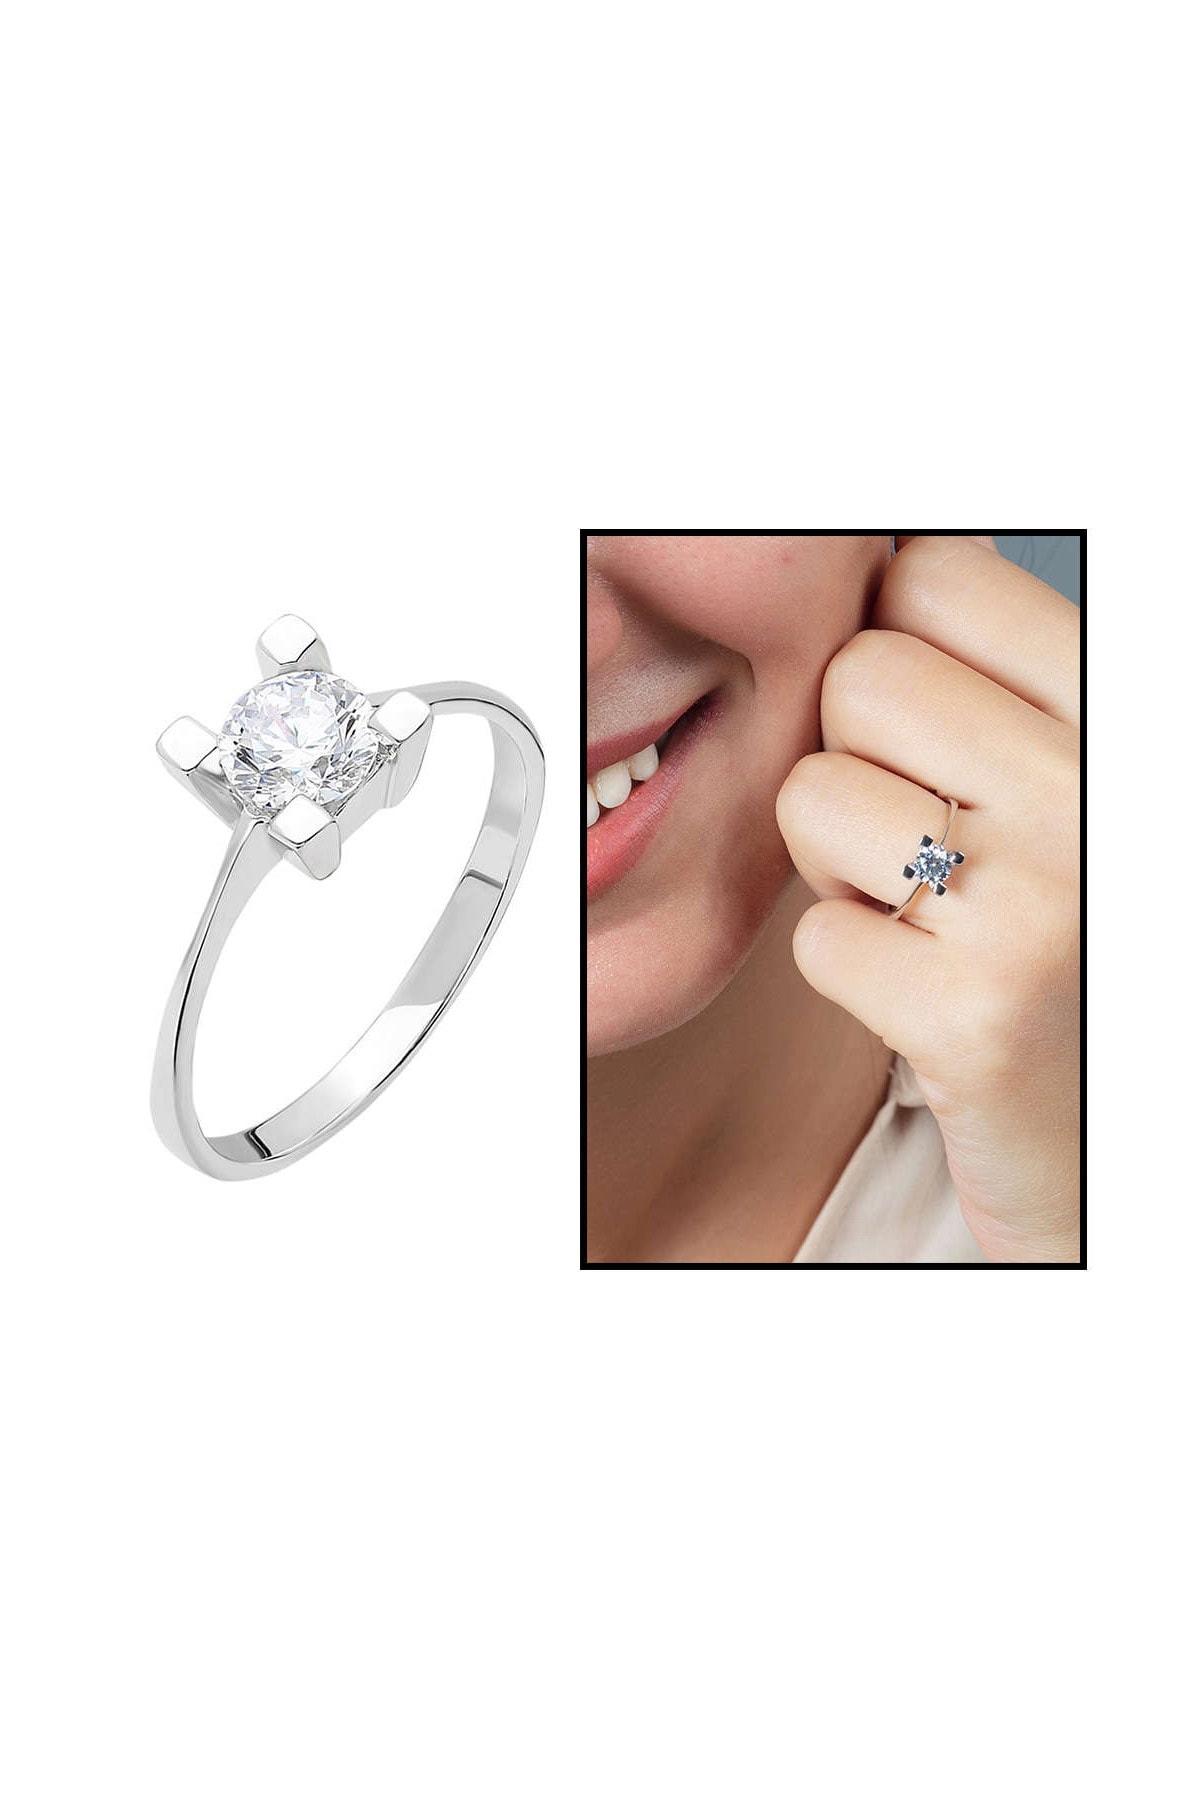 Tesbihane Starlight Diamond Pırlanta Montür Kare Tasarım 925 Ayar Gümüş Bayan Tektaş Yüzük 102001785 1